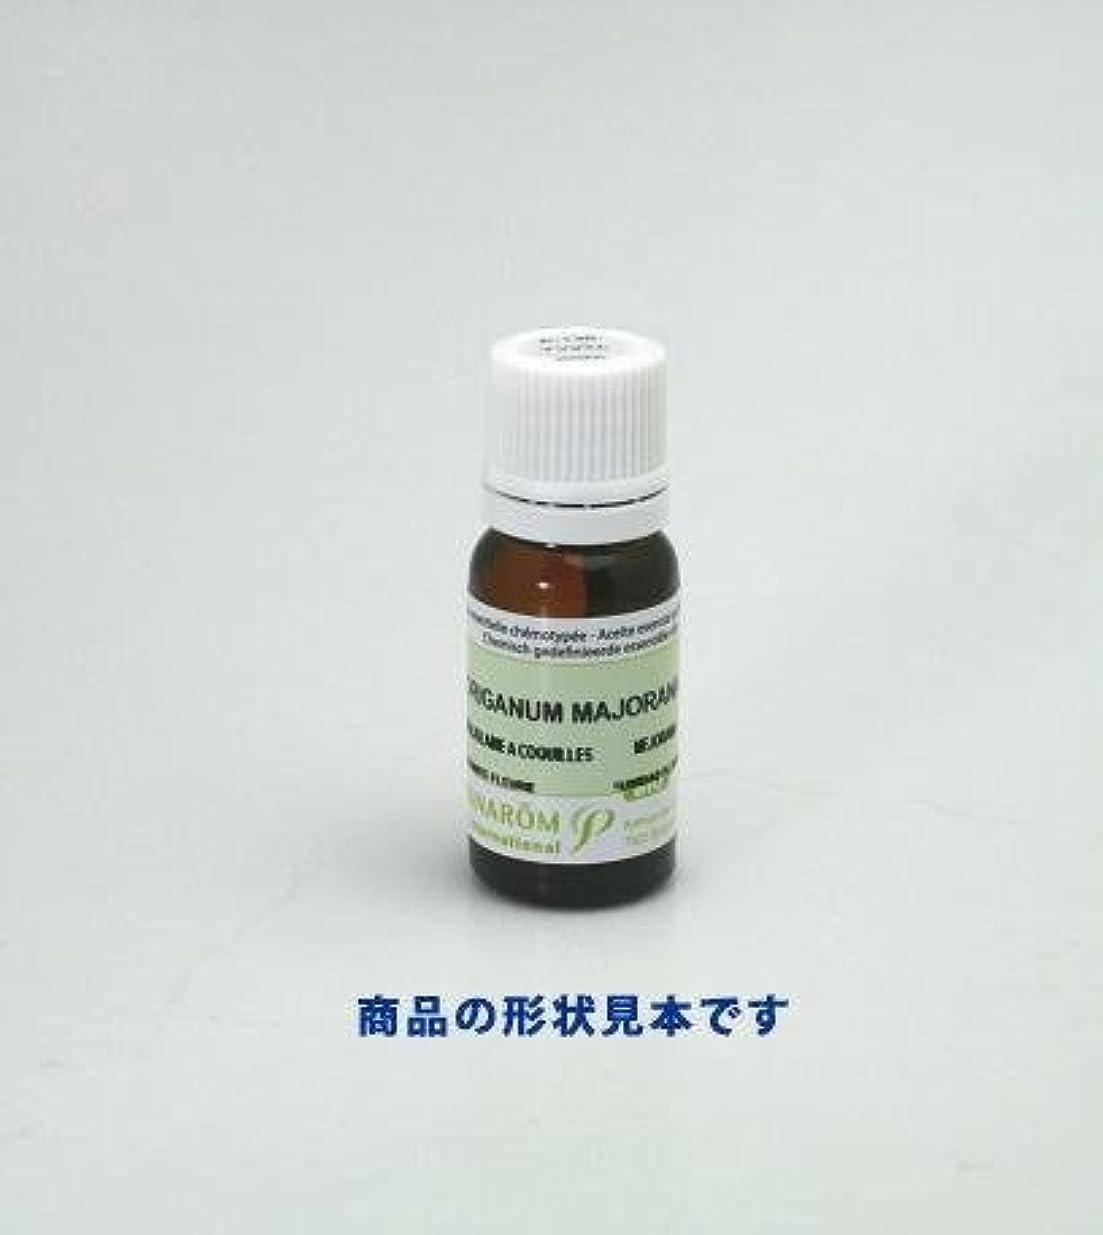 なだめる配列実現可能プラナロム精油 レモンバーベナ(P-106)